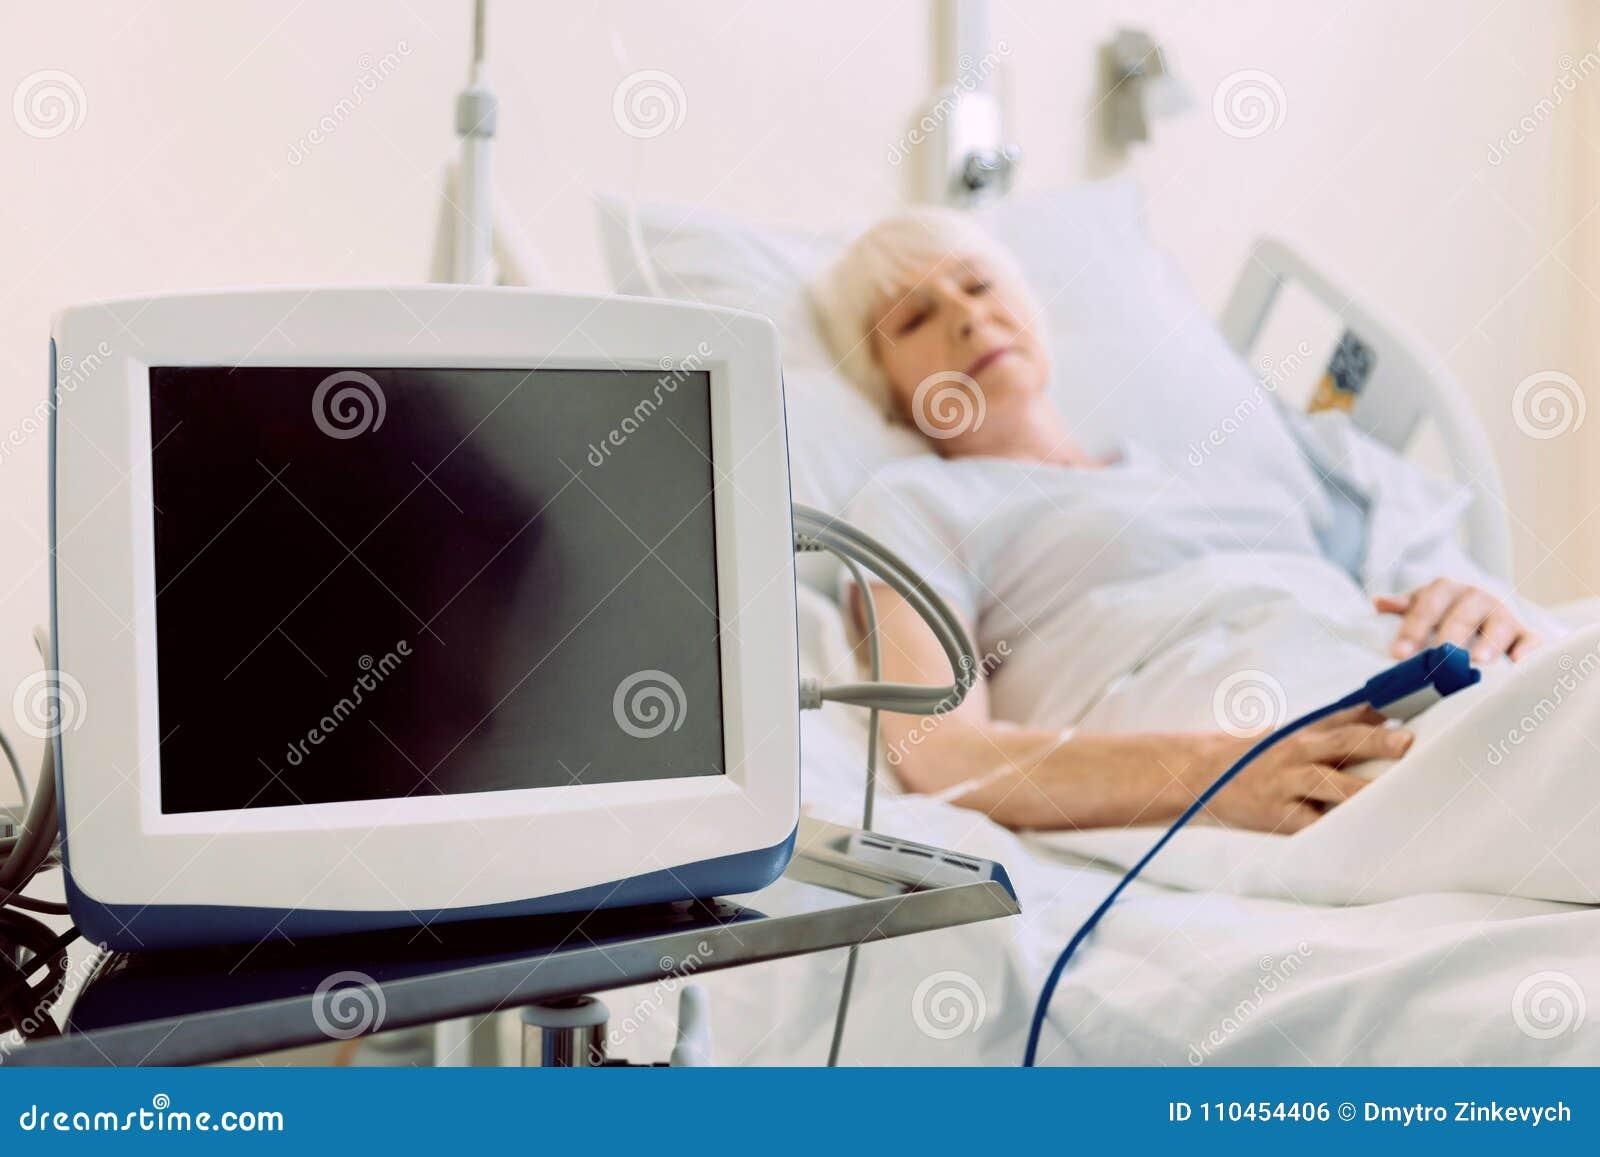 Stäng sig upp av medicinsk utrustning för hjärtahastighet i sjukhus